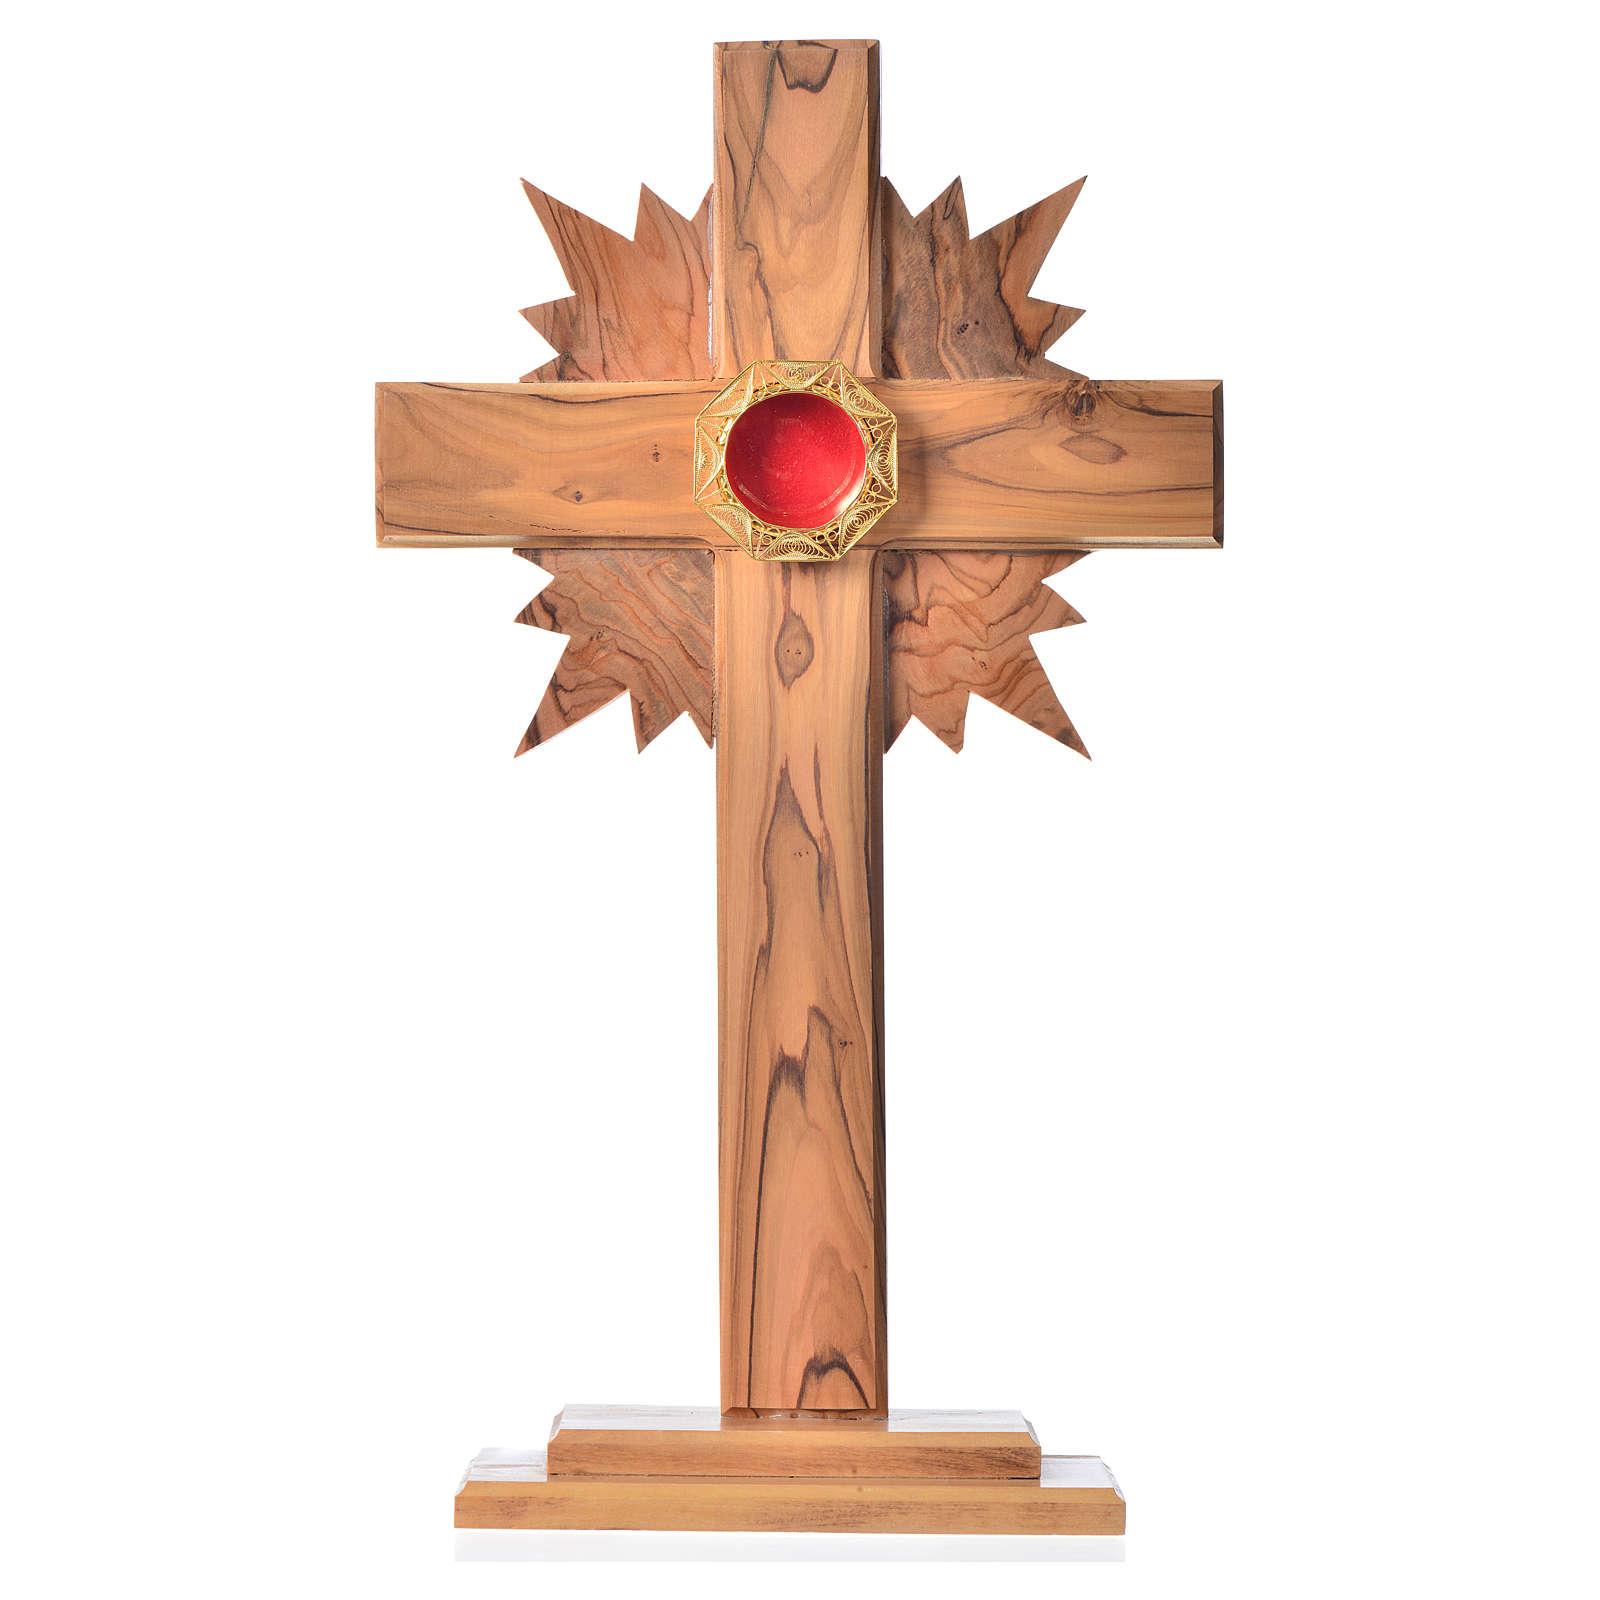 Relicario olivo 29cm, cruz con rayos custodia plata 800 octagona 4